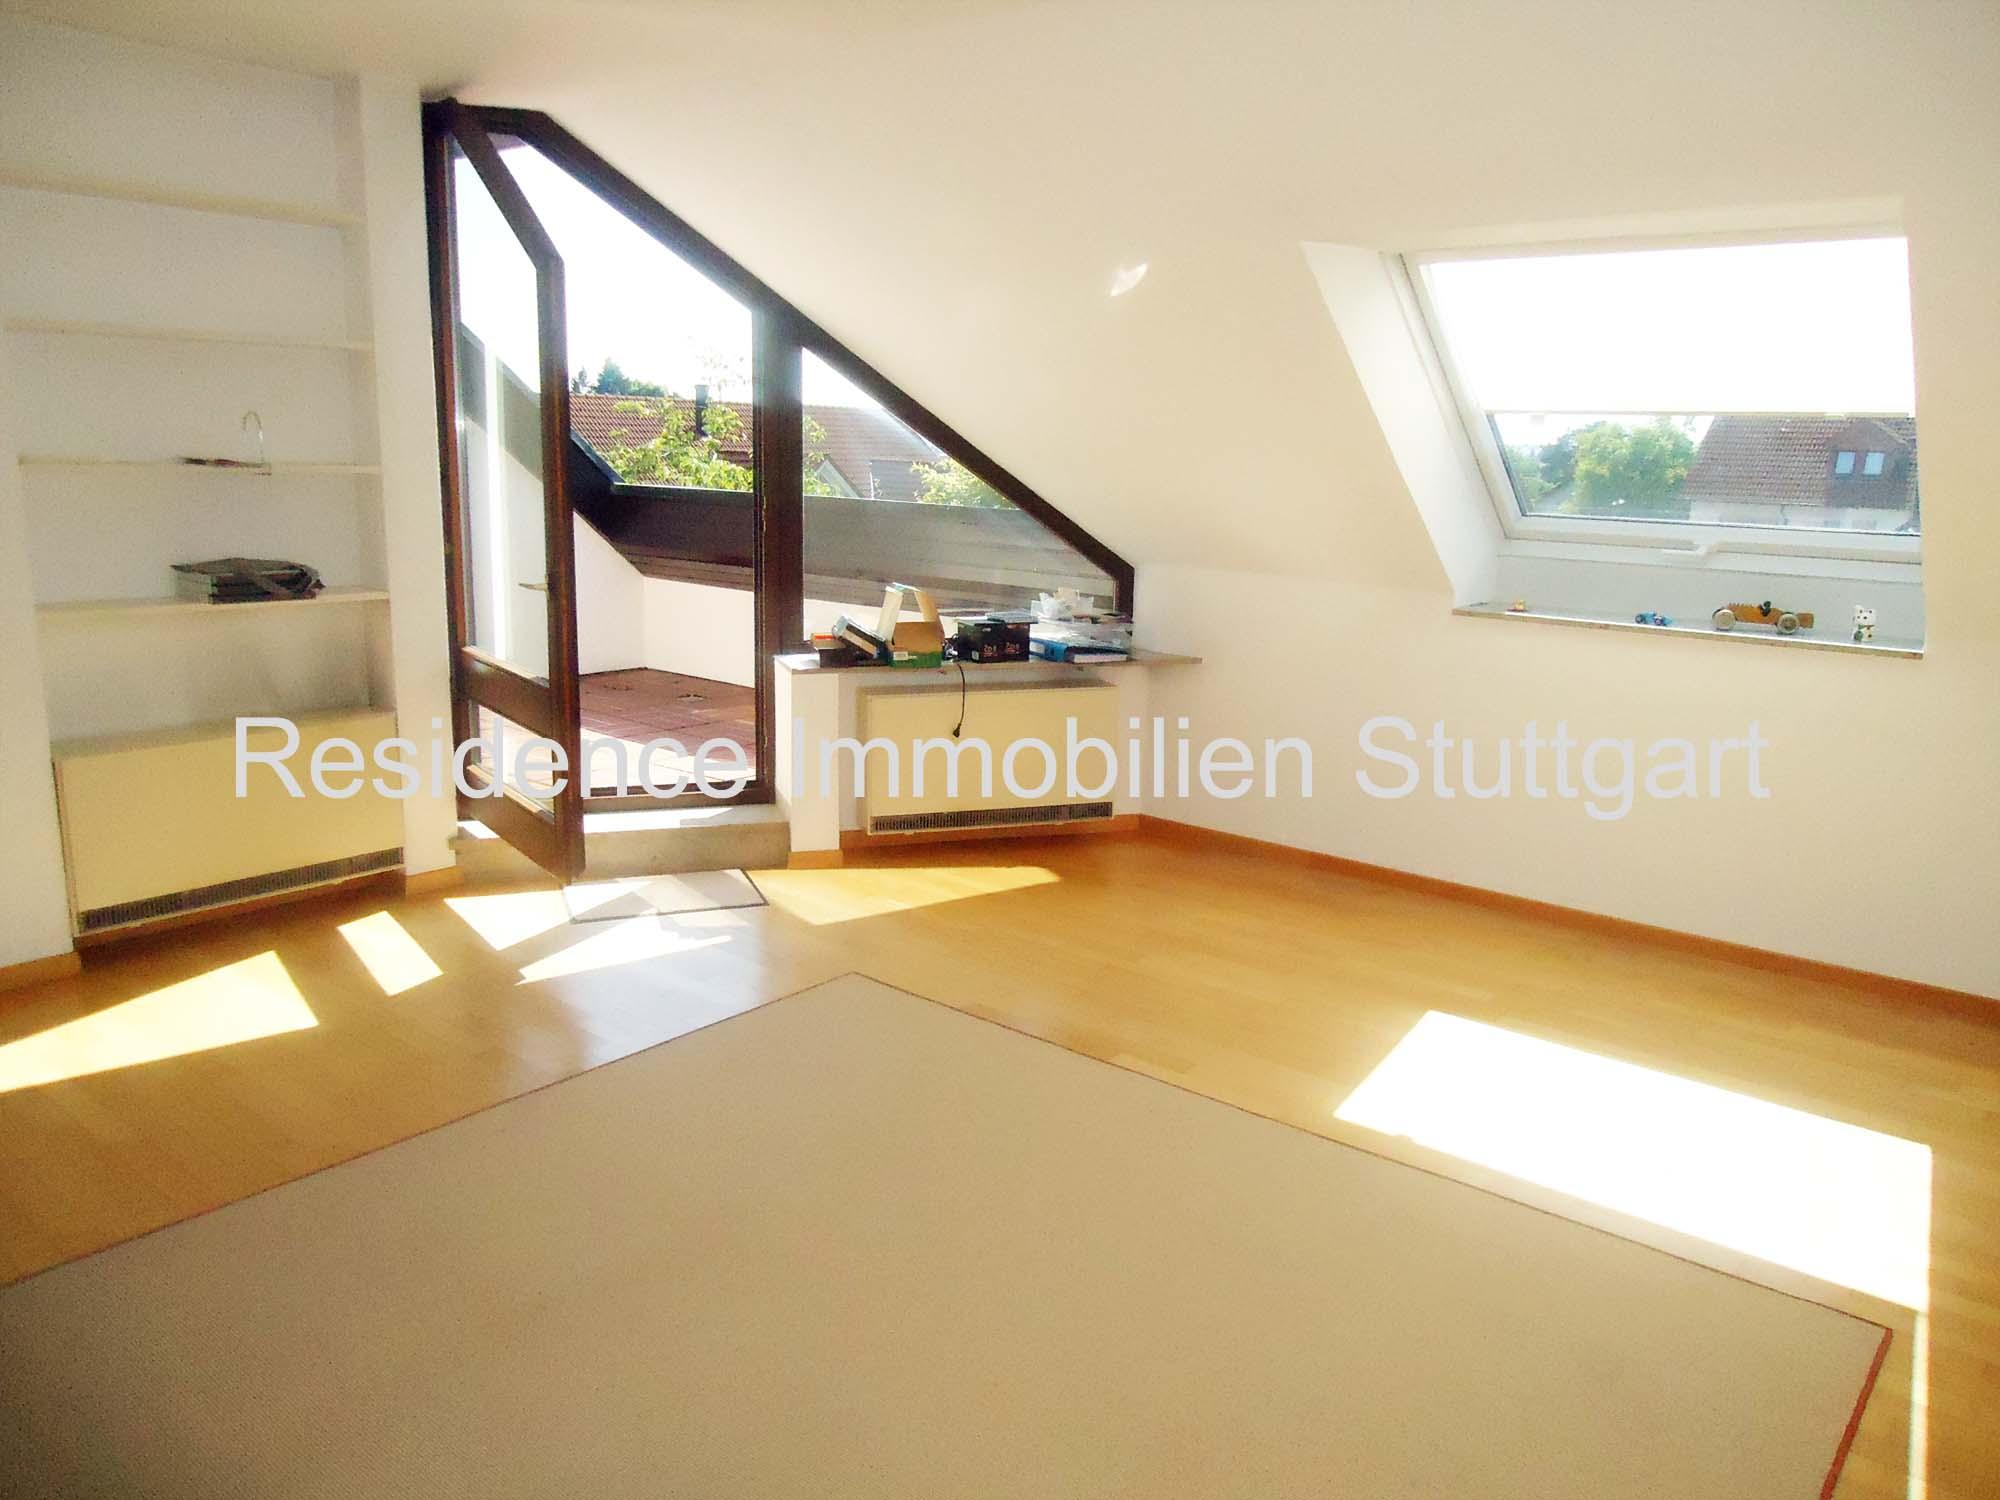 Sonnige Moderne 3 Zimmer Dg Wohnung Mit Sw Balkon In Ostfildern